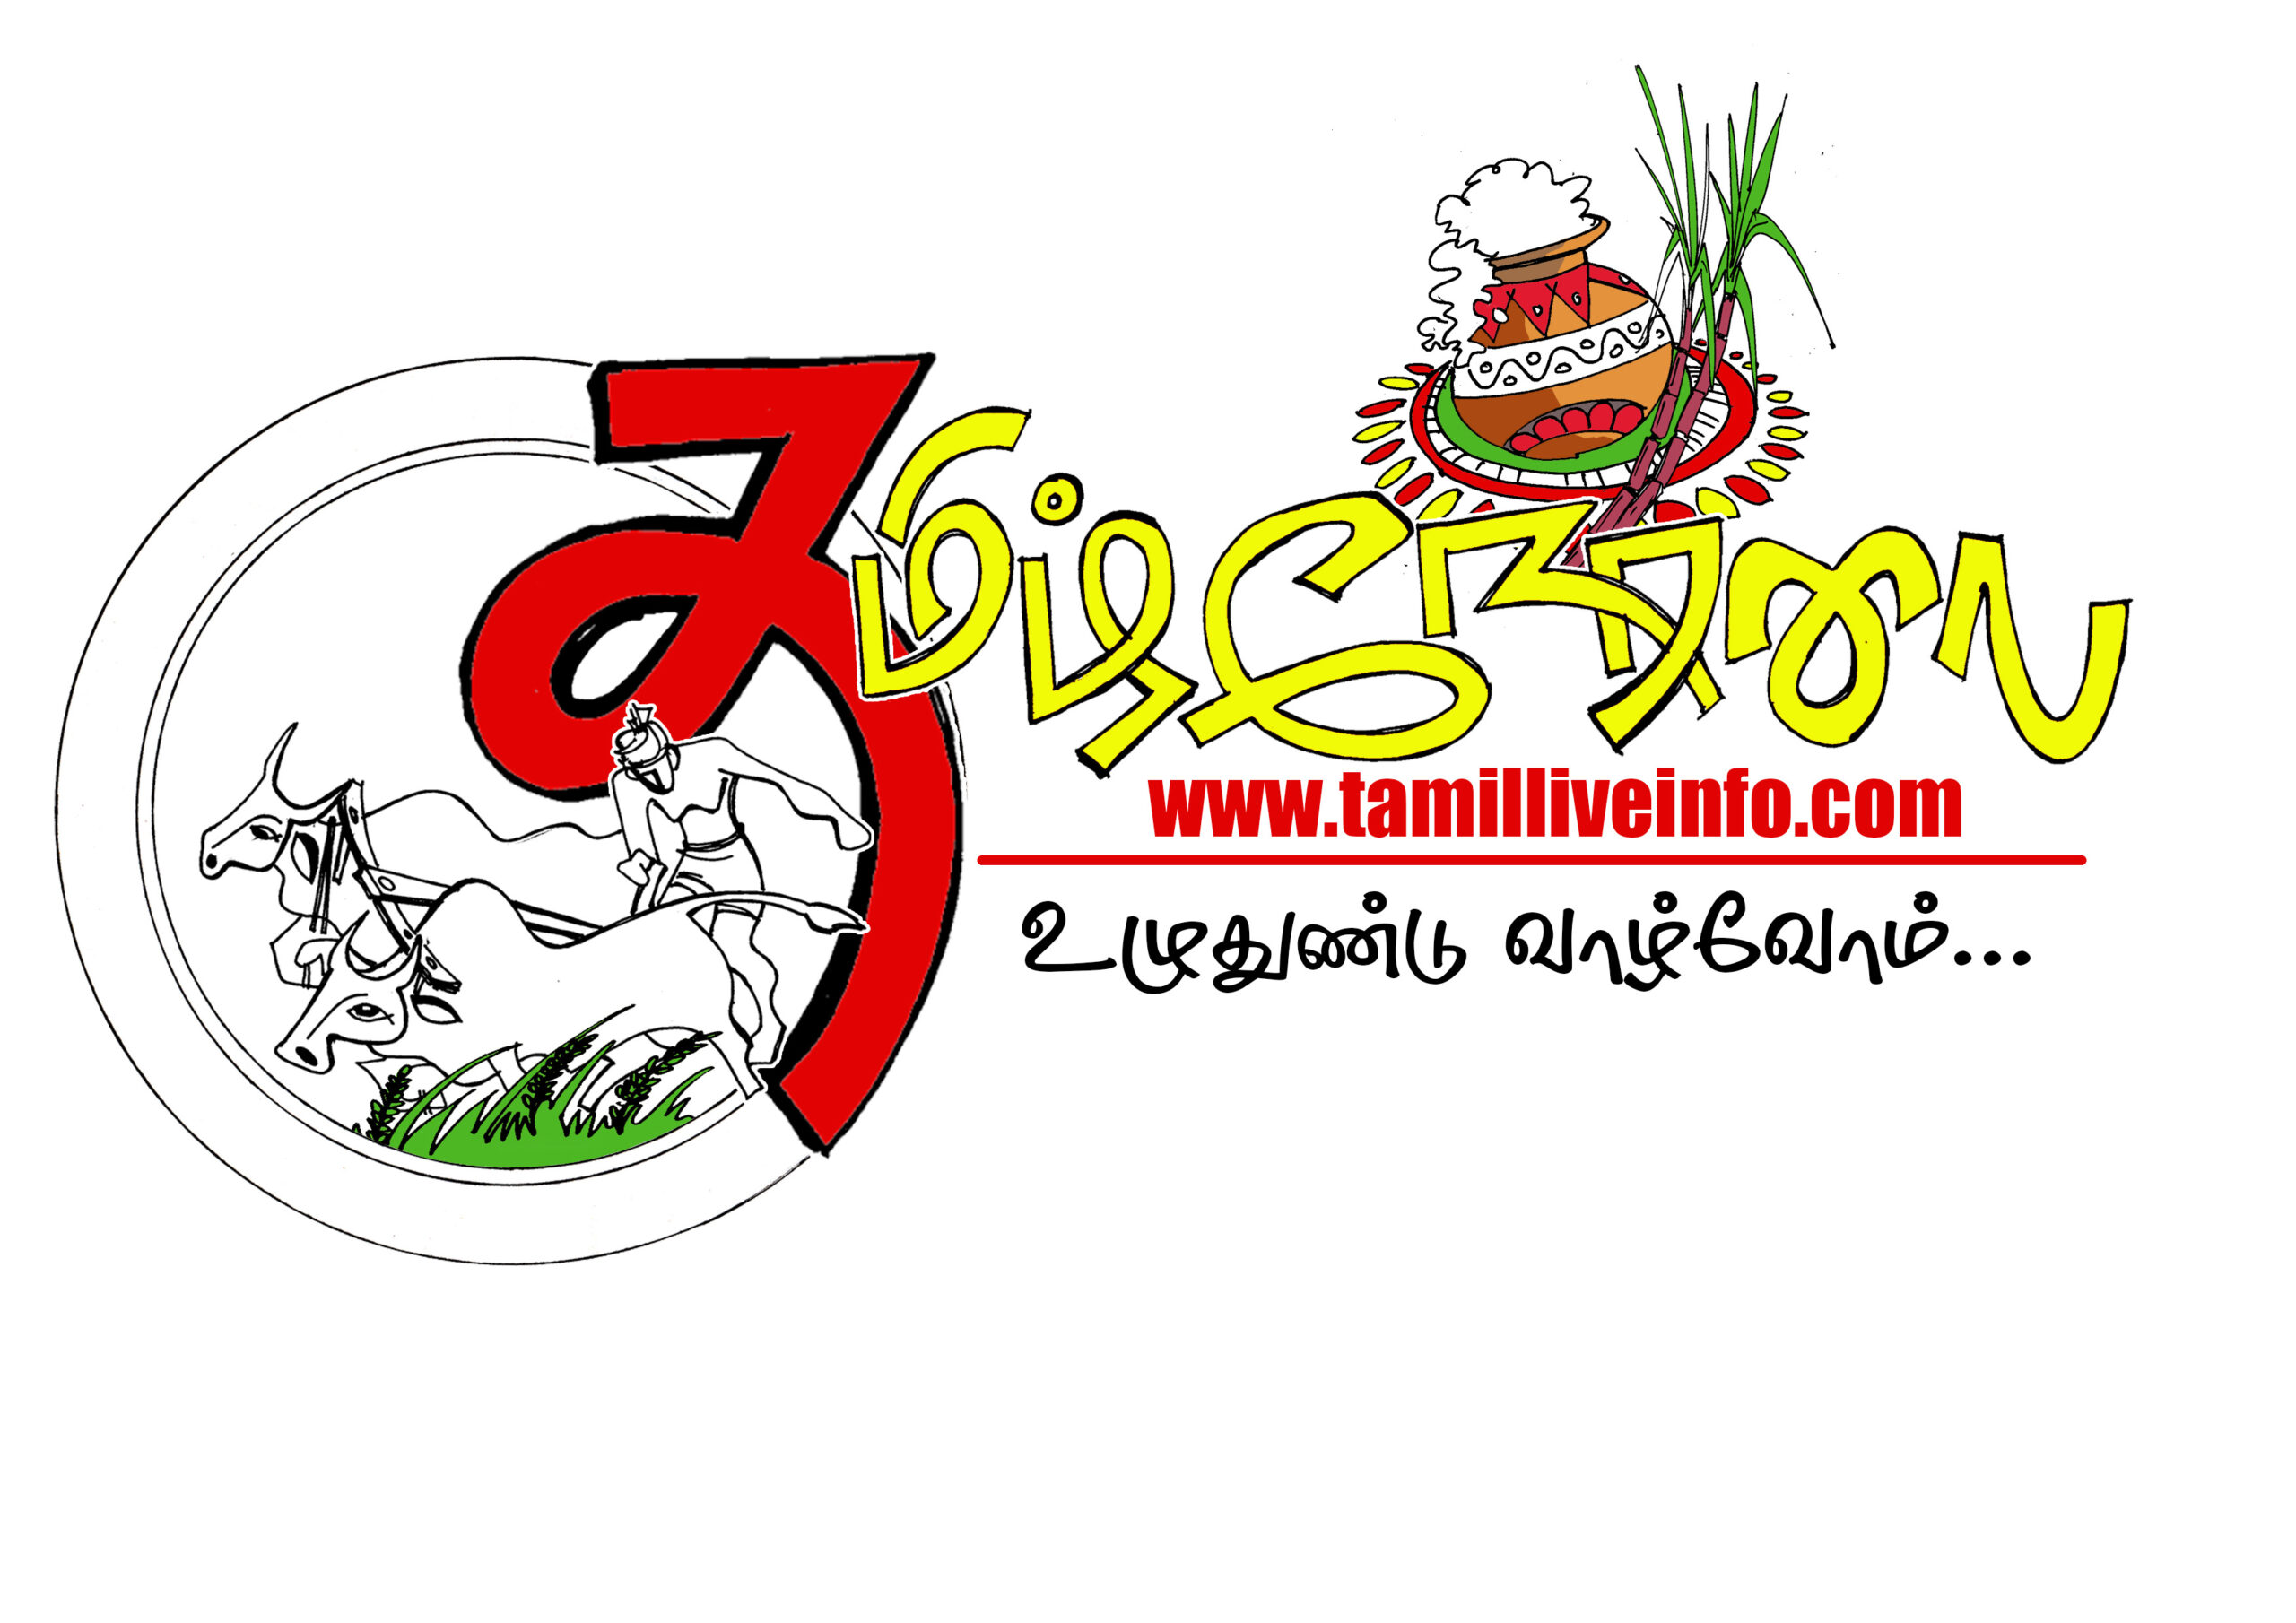 Tamilliveinfo | Tamil News